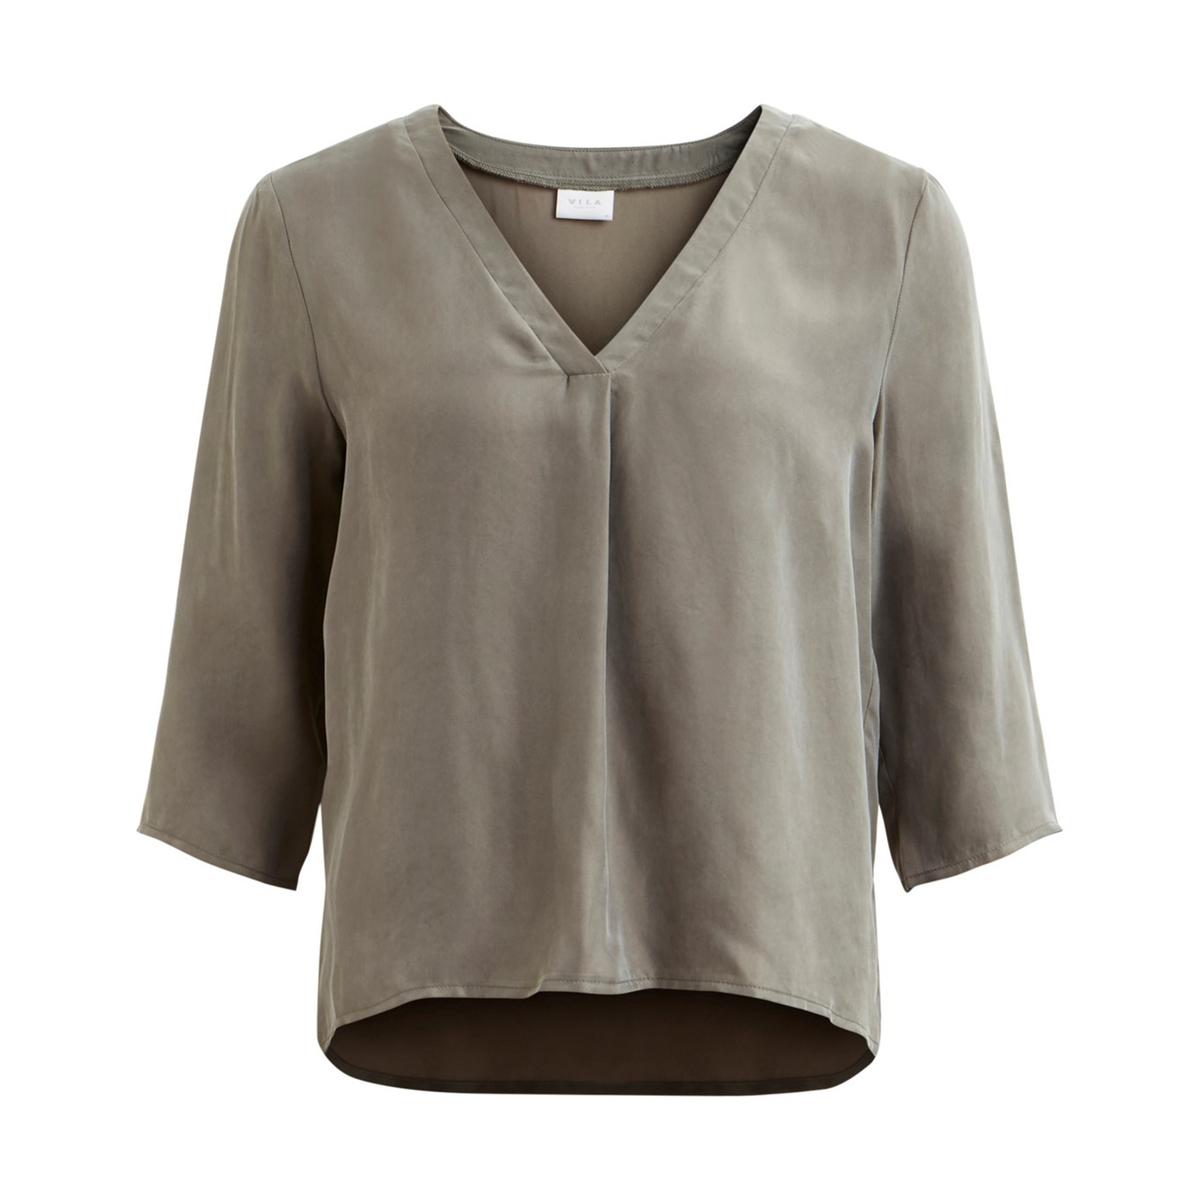 Блузка с V-образным вырезом и рукавами 3/4 блузка свободного покроя бойфренд с v образный вырезом рисунком и рукавами 3 4